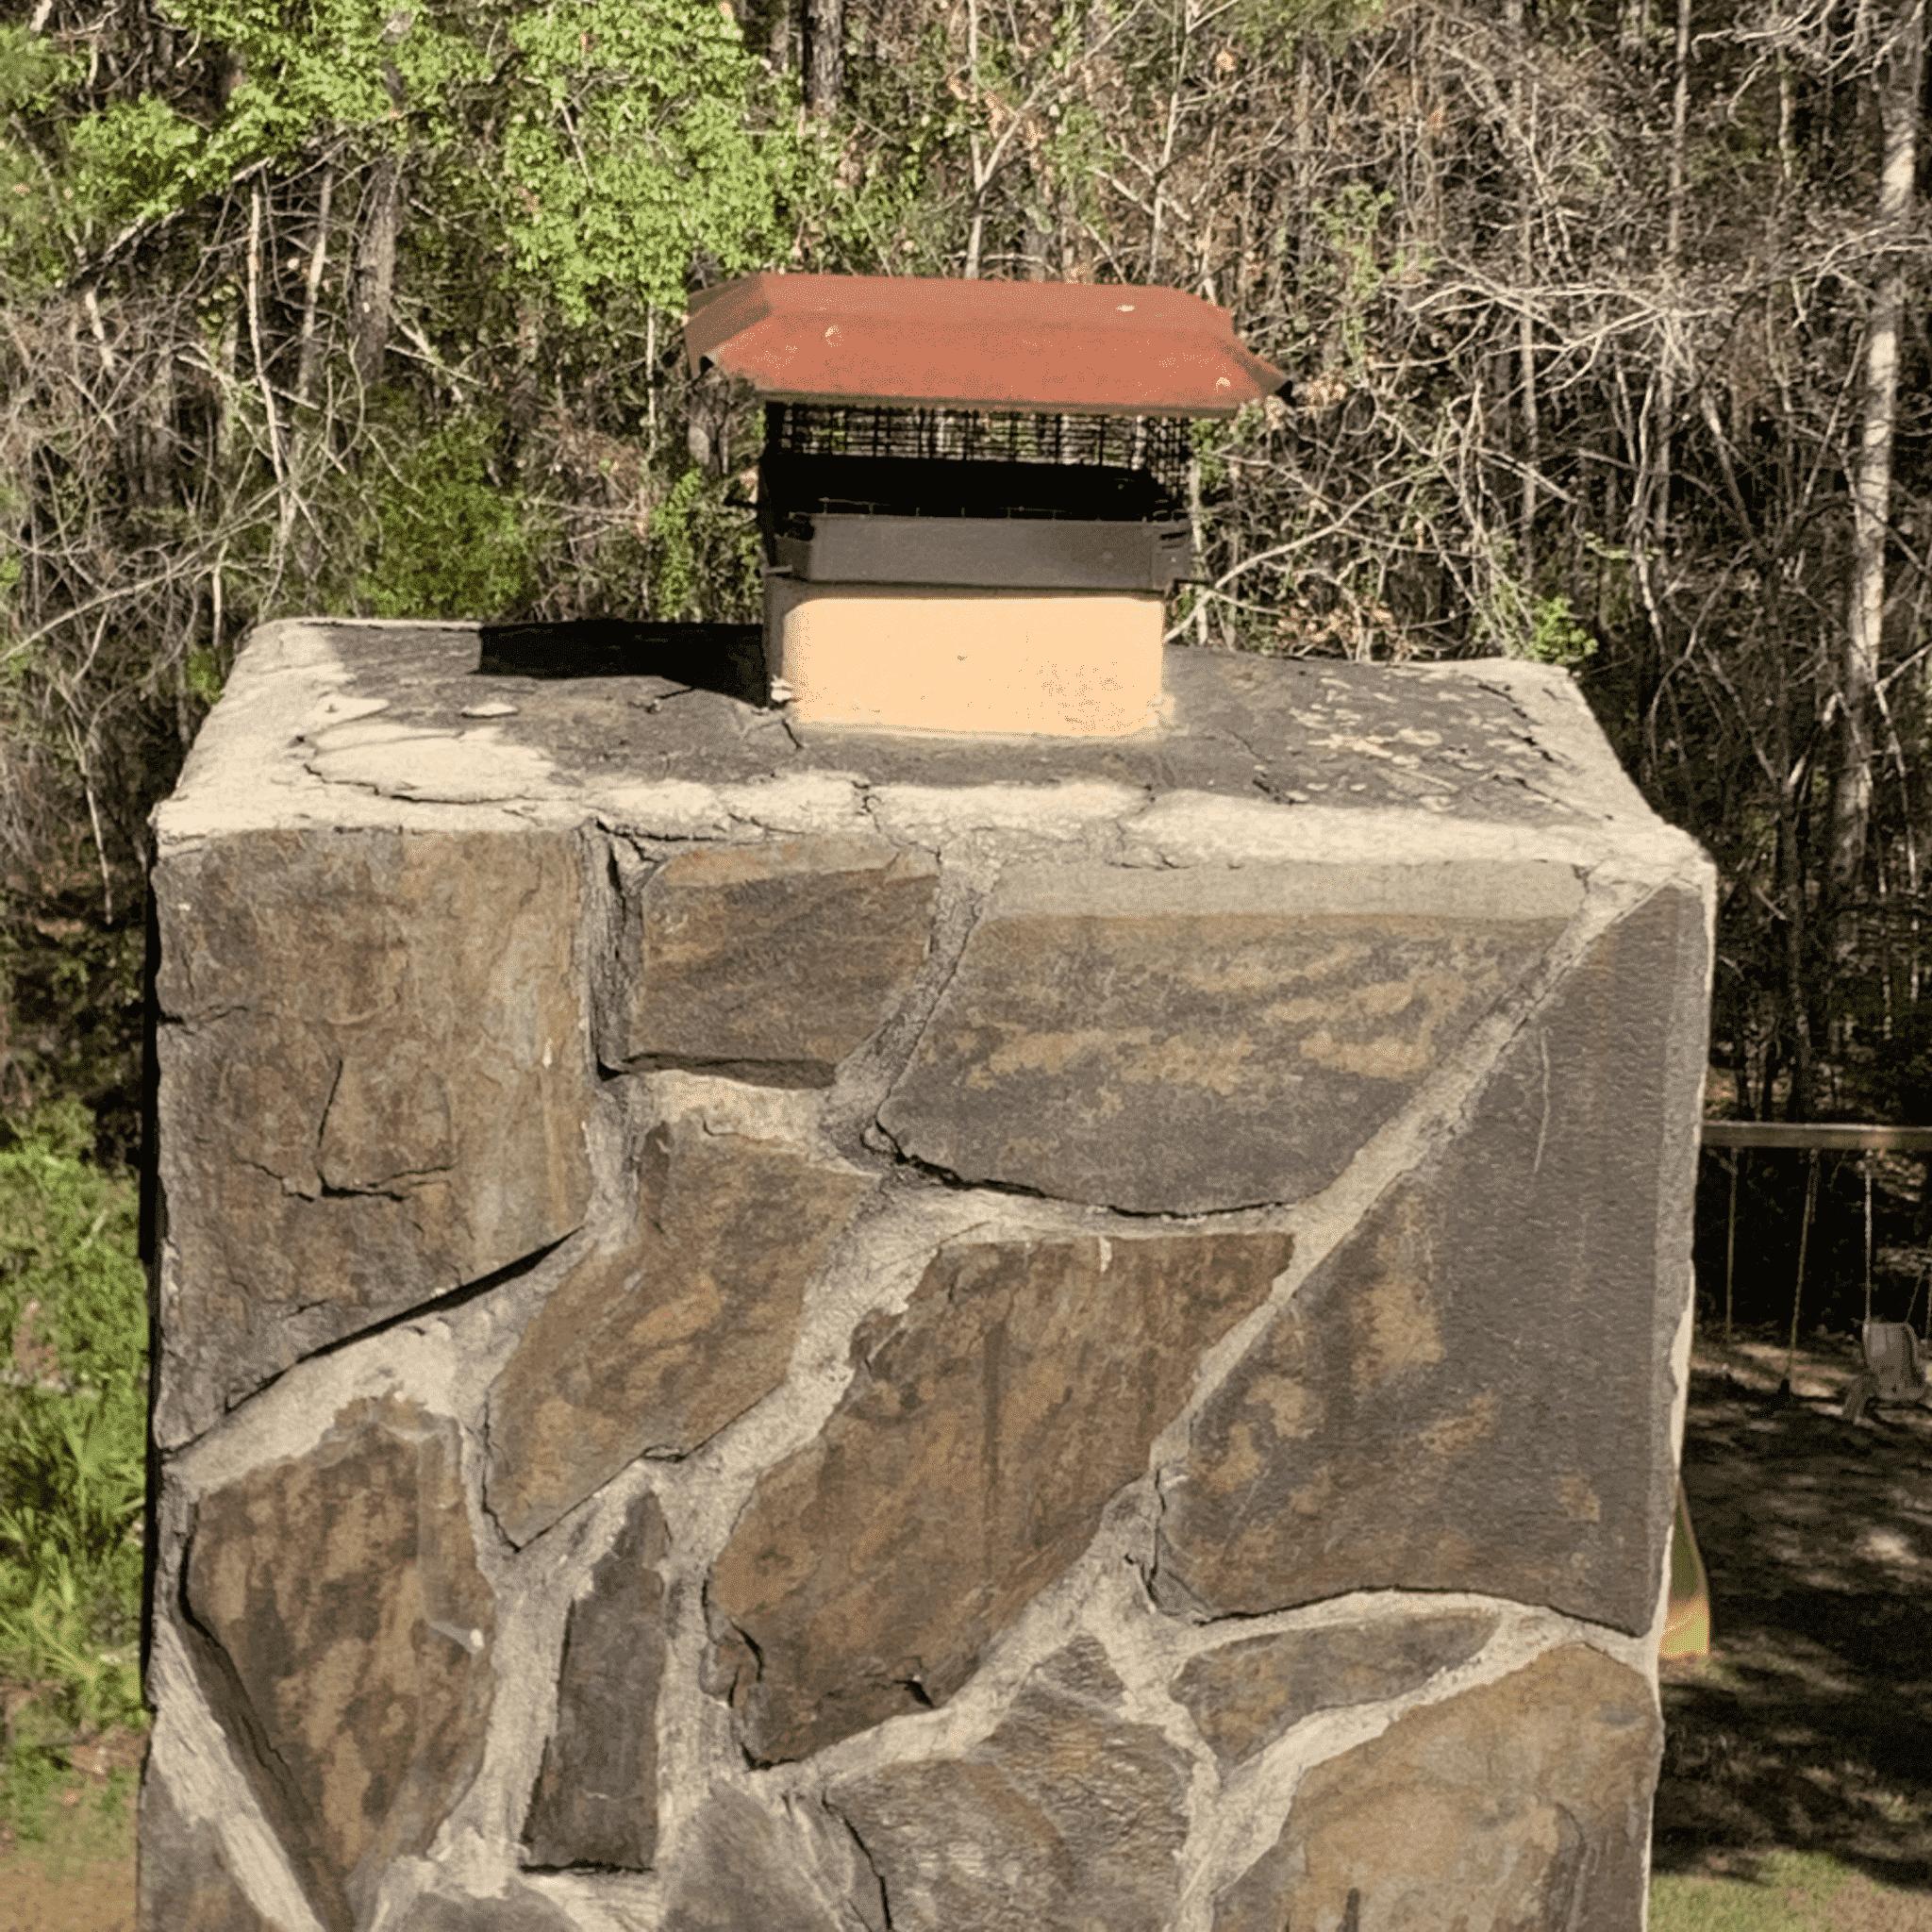 Chimney services in Hattiesburg Mississippi